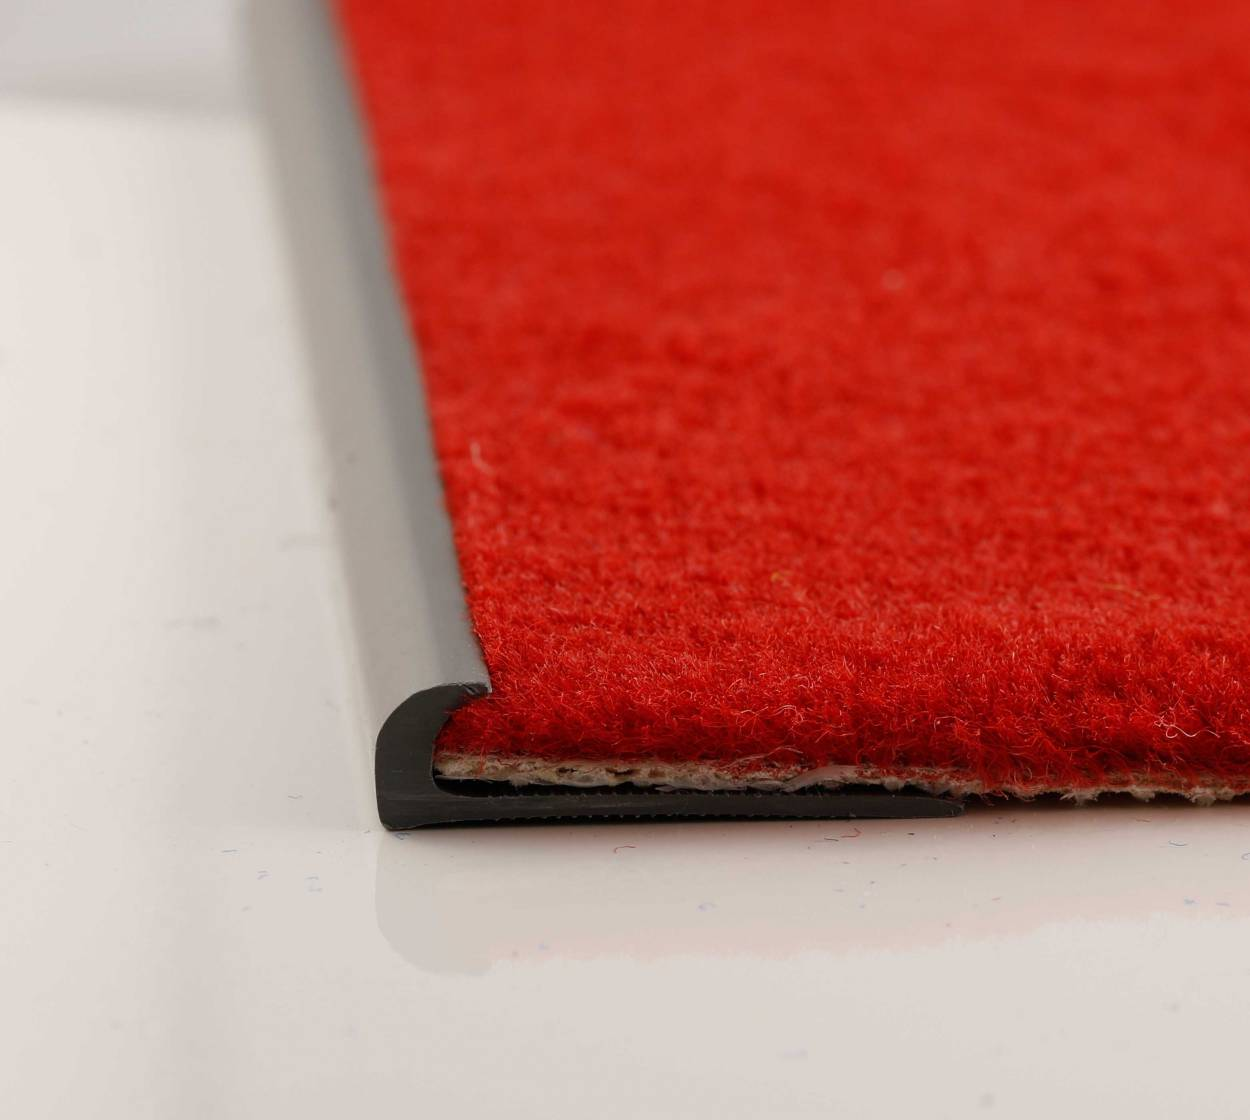 PVC Kante grau, 7mm, 3P06 im Stamm online Store München